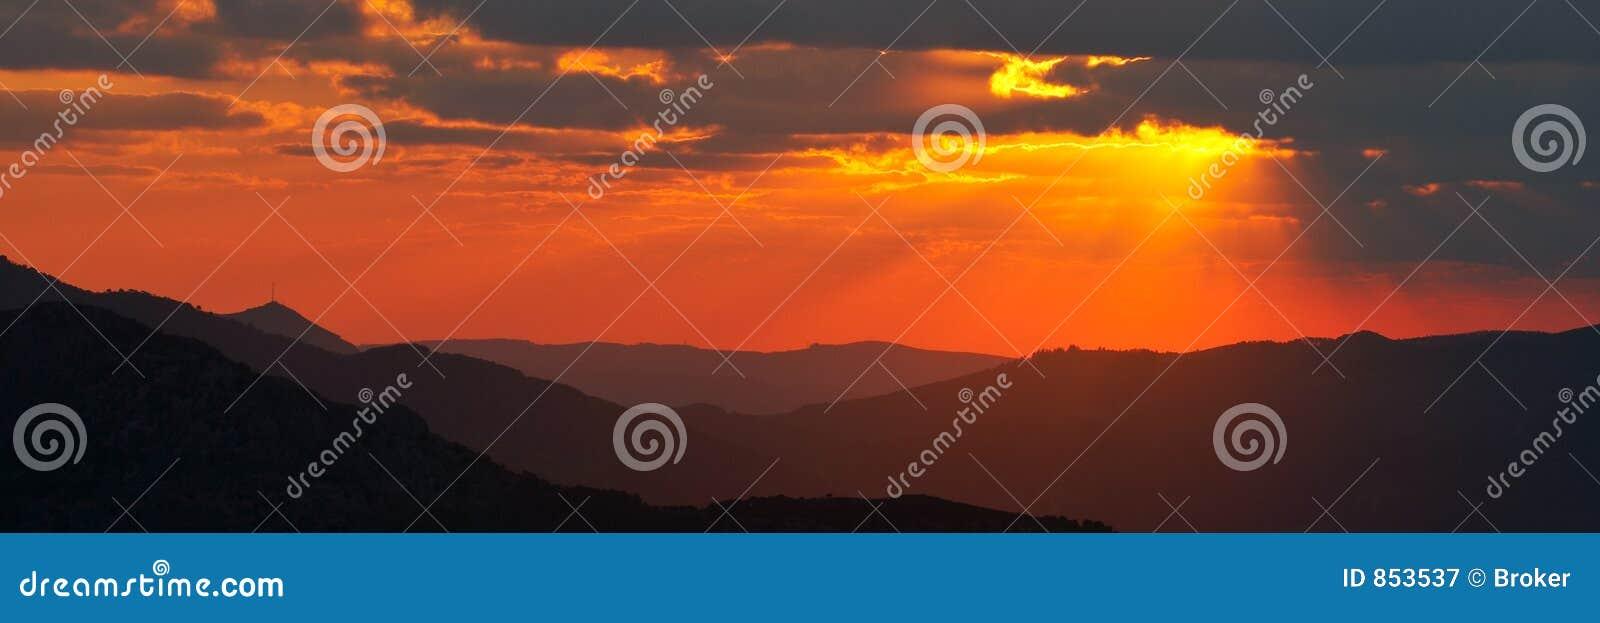 πανοραμικό ηλιοβασίλεμα άνοιξης εποχής